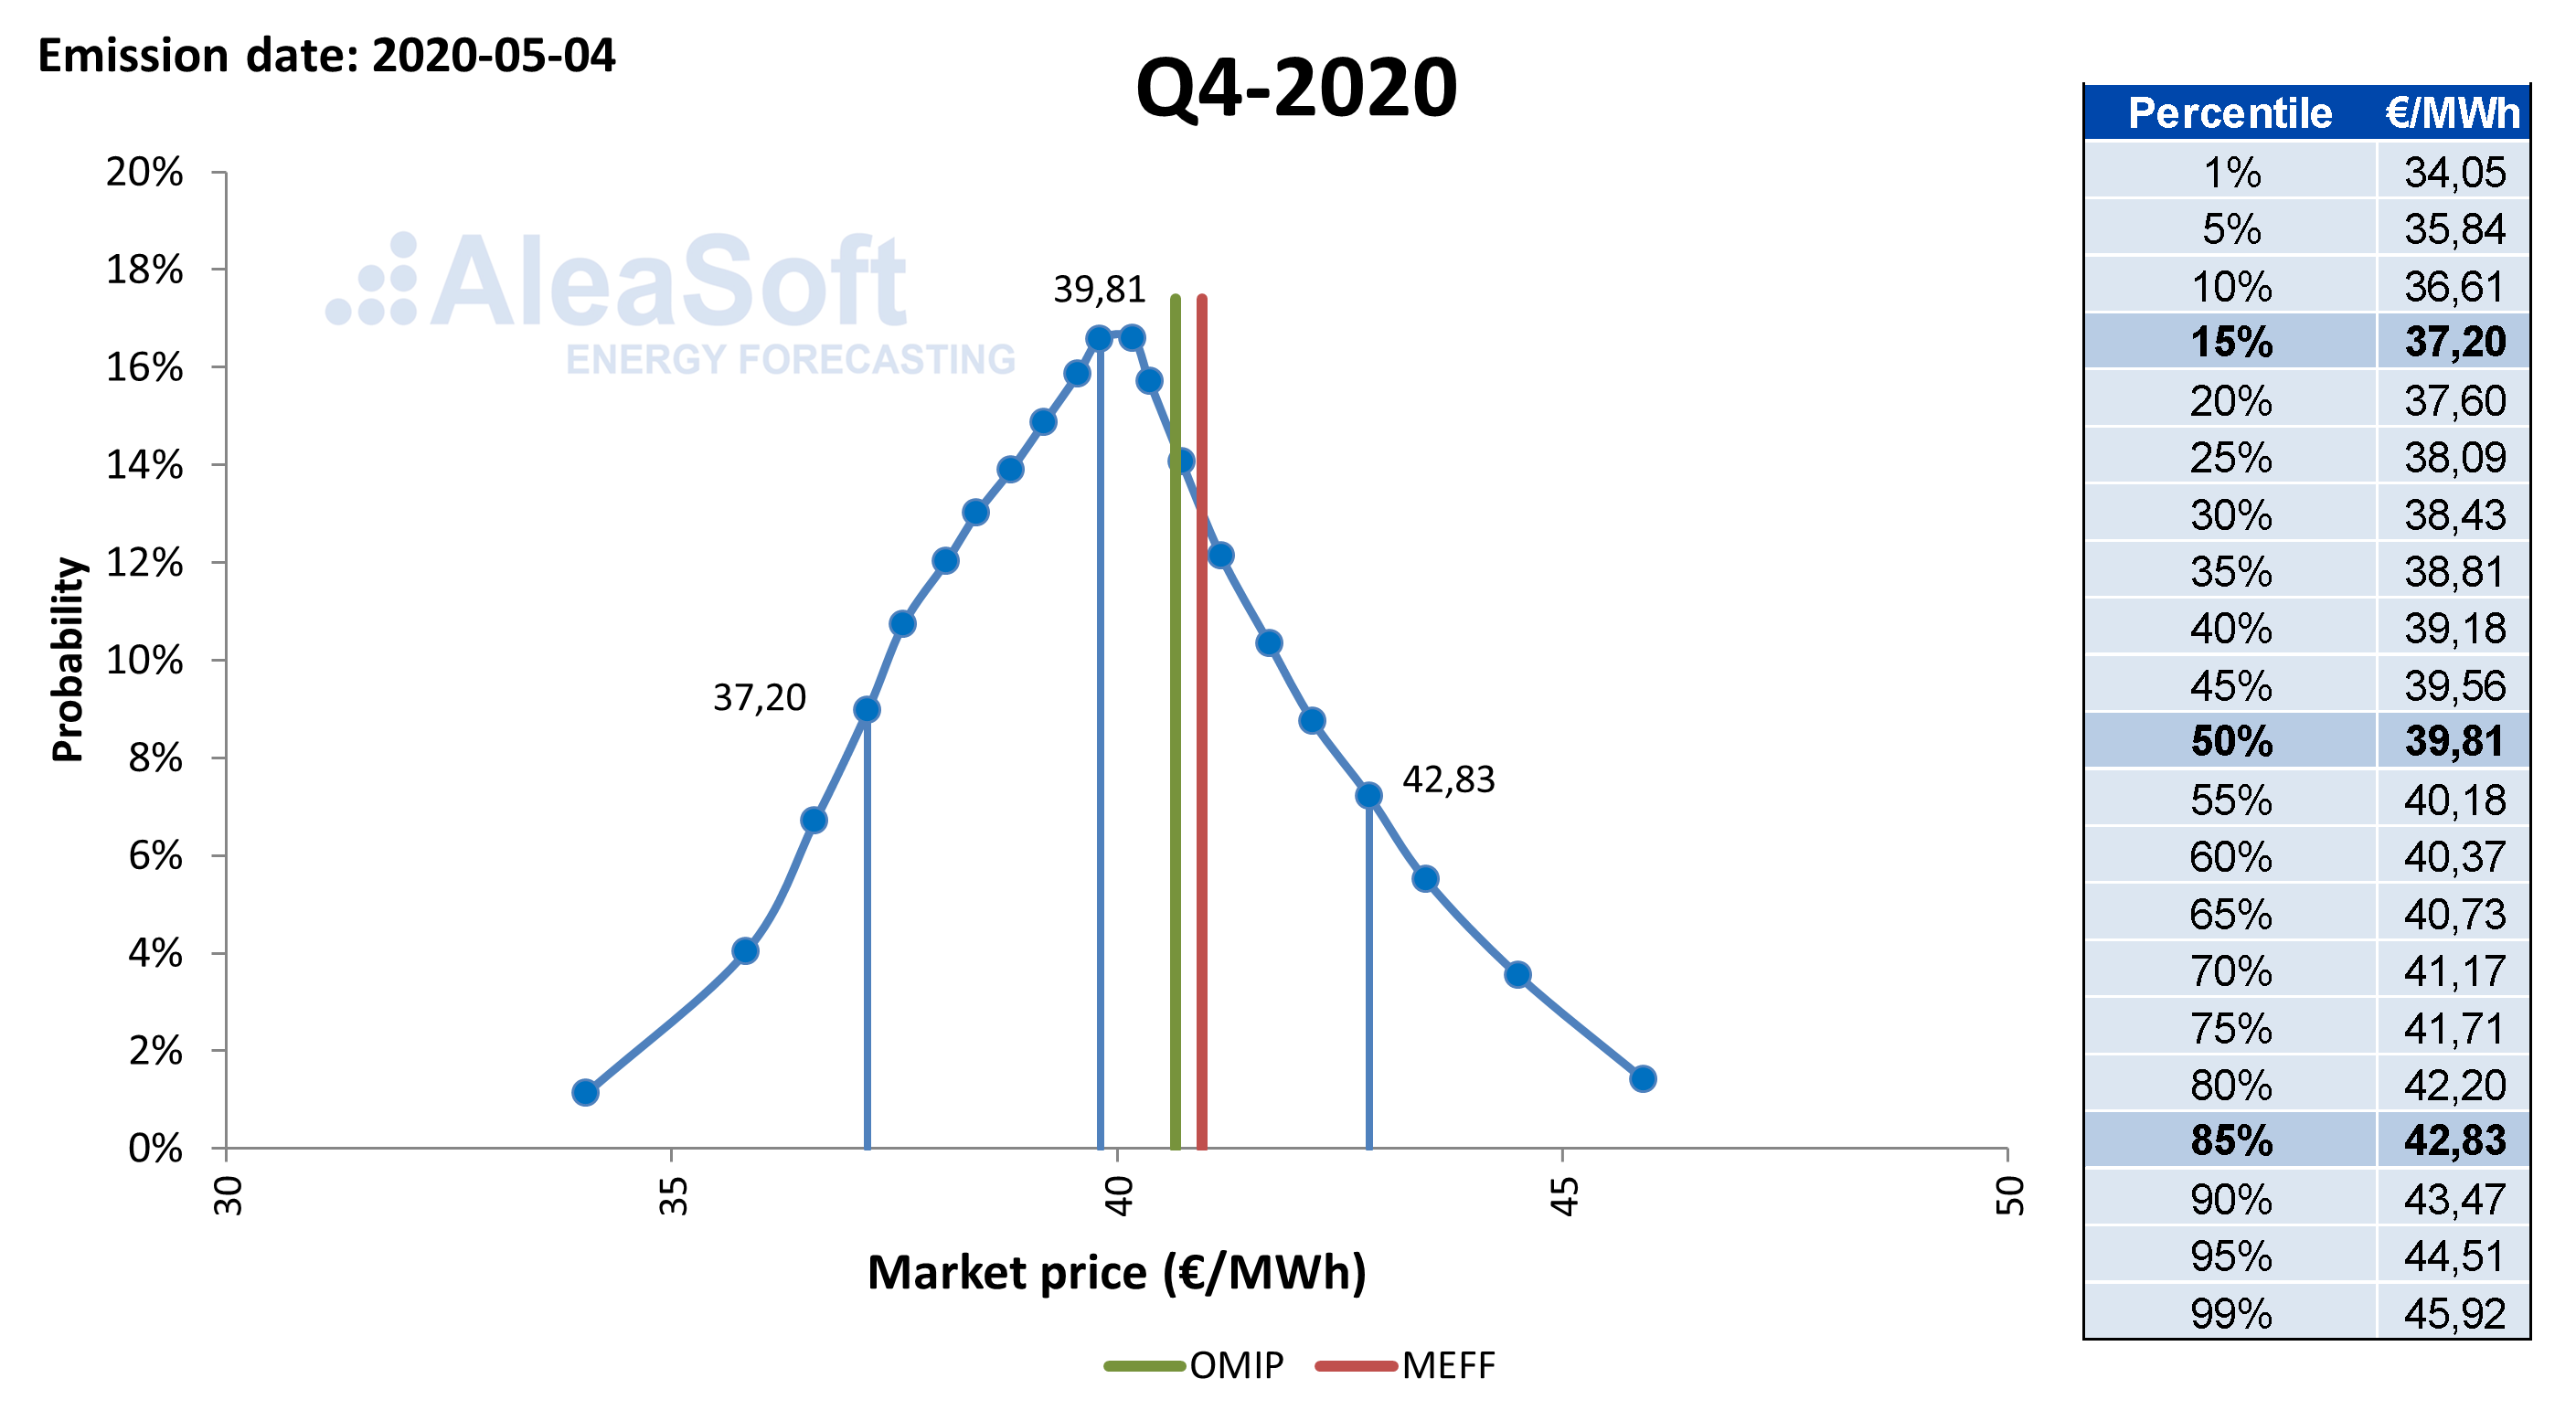 AleaSoft - Distribucion probabilidad precios mercado electricidad